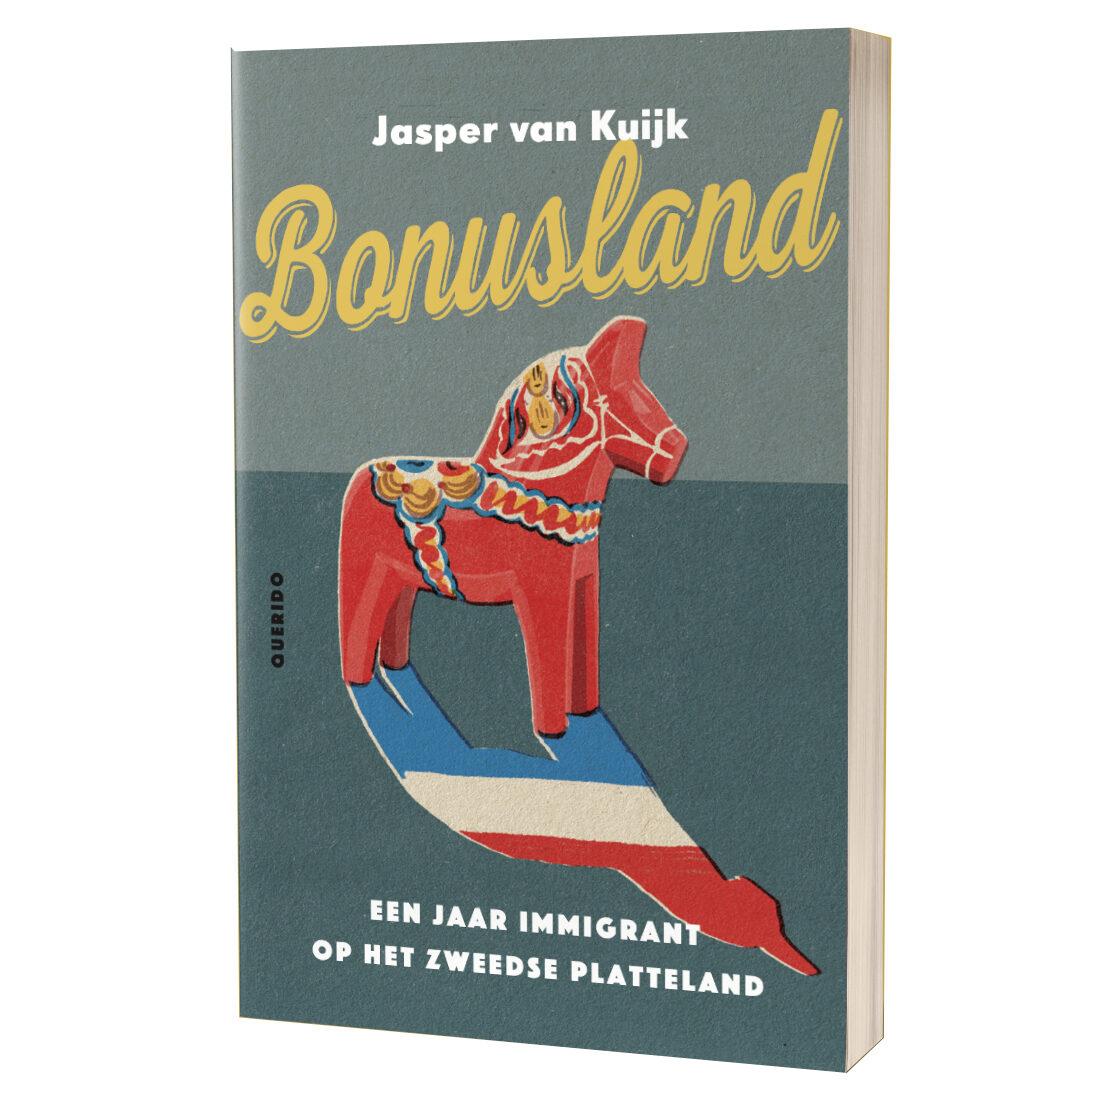 Omslag van het boek Bonusland met daarop een rood Dalarna paard, op een witte achtergrond